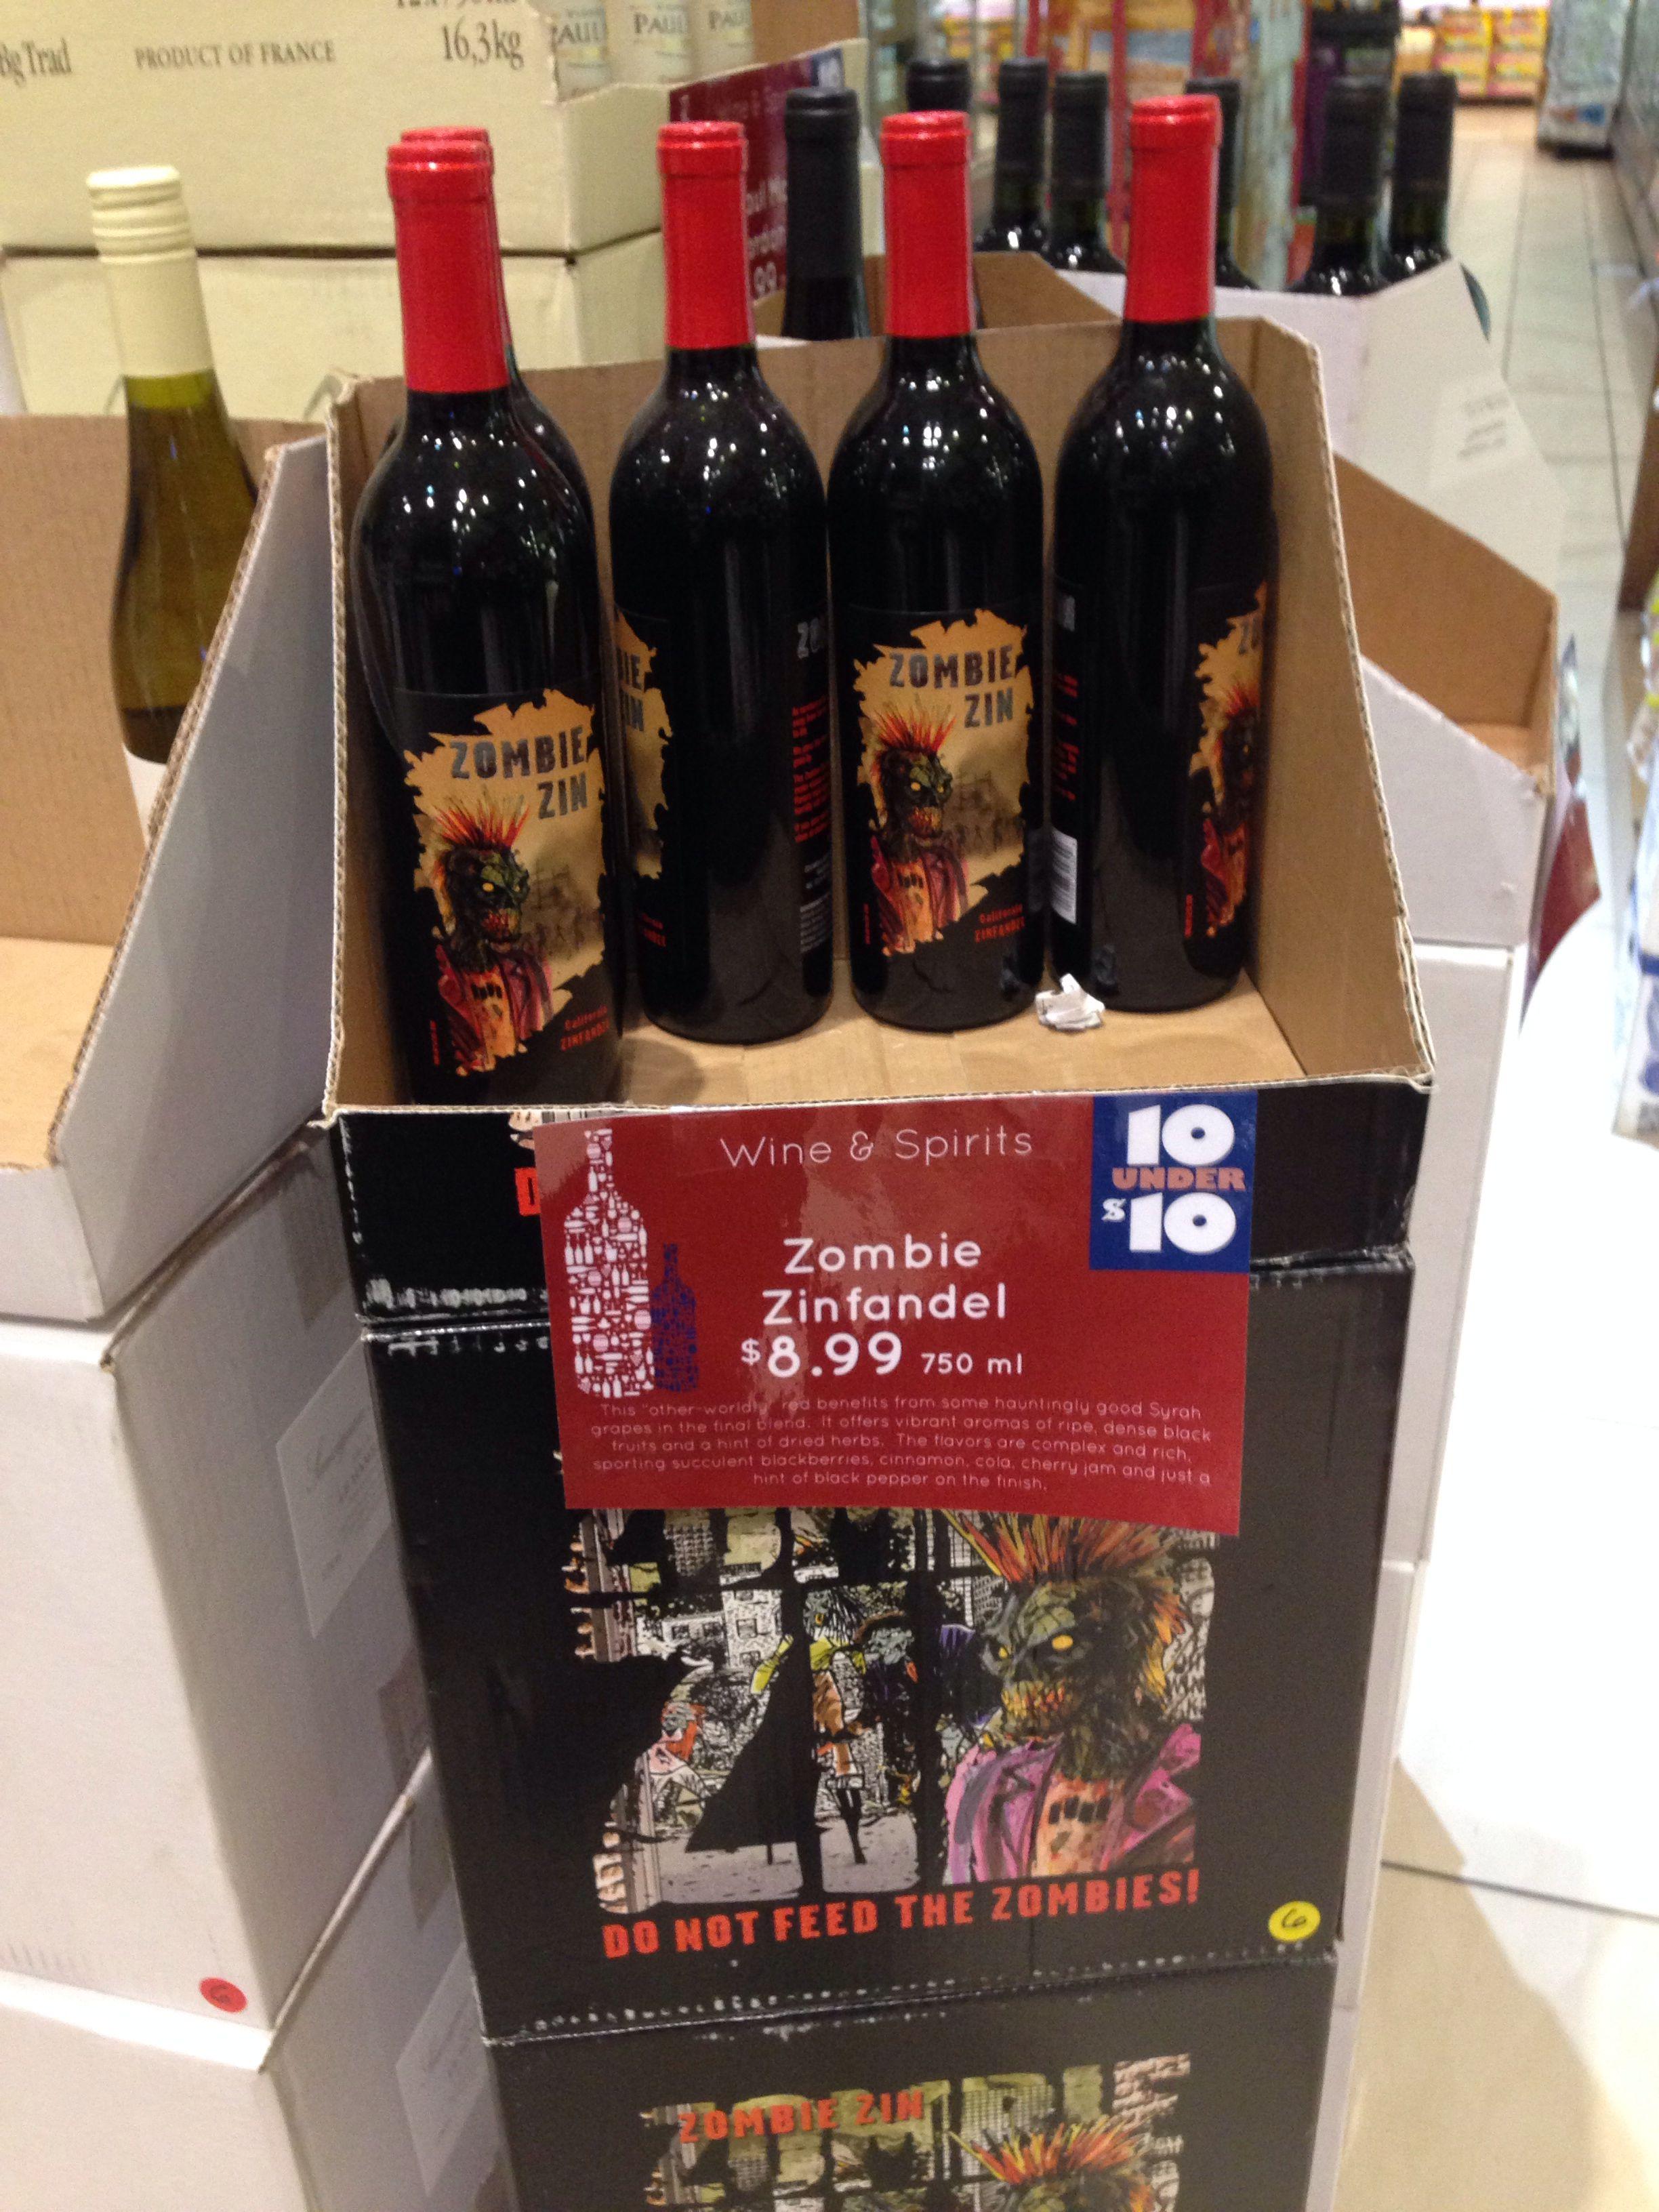 Um Fa De Walking Dead Nao Deixa De Celebrar Os Zumbis Ate Vinho Em Homenagem A Eles A Gente Acha No Supermercado E Claro Que Eu Compr Wine Bottle Wine Drinks